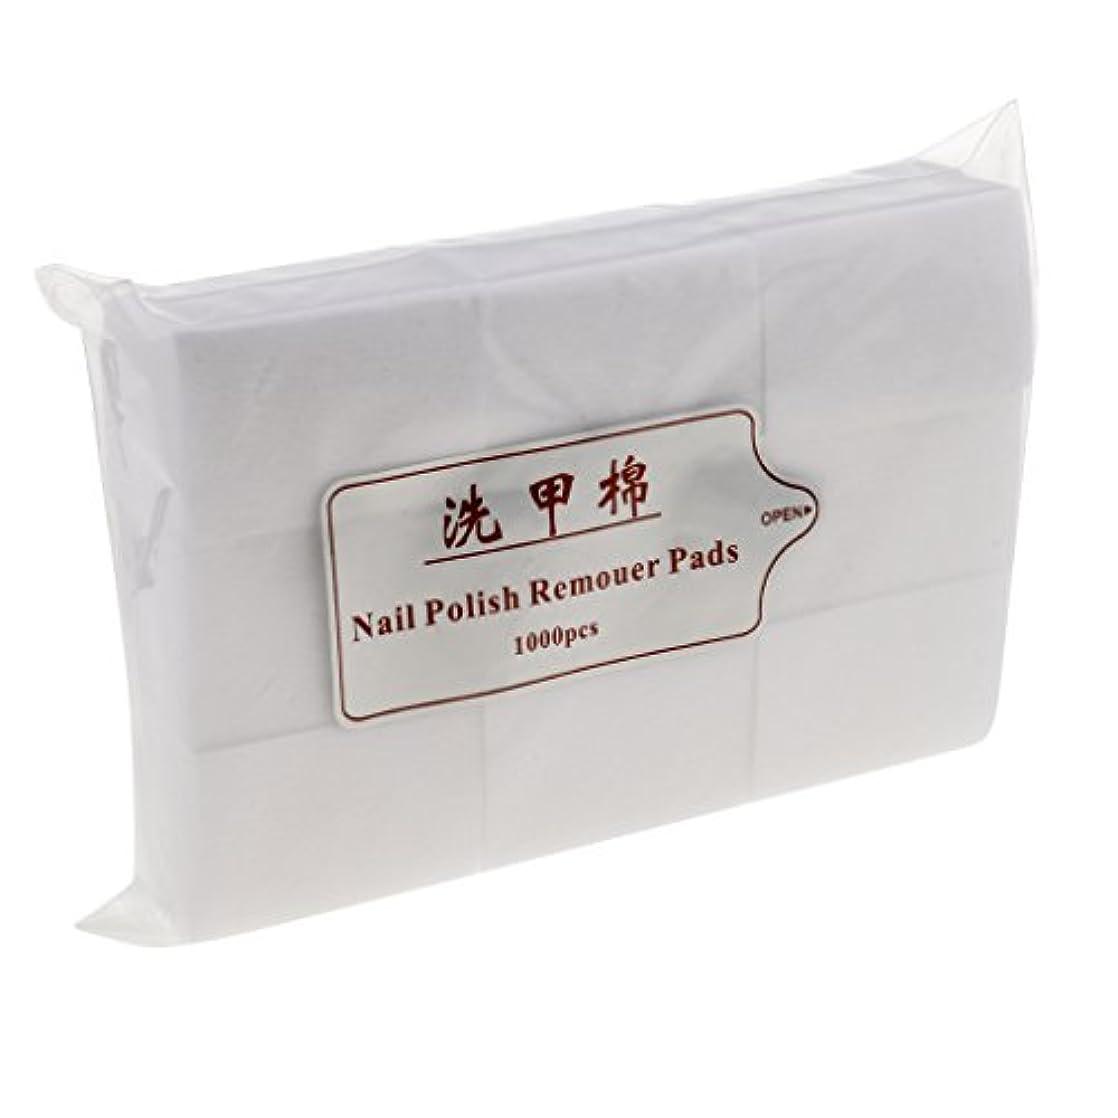 公平元気コマース約1000個 ネイルコットンパッド ネイル パッド ネイルアートチップ パッド紙 吸水性 便利 ネイルサロン